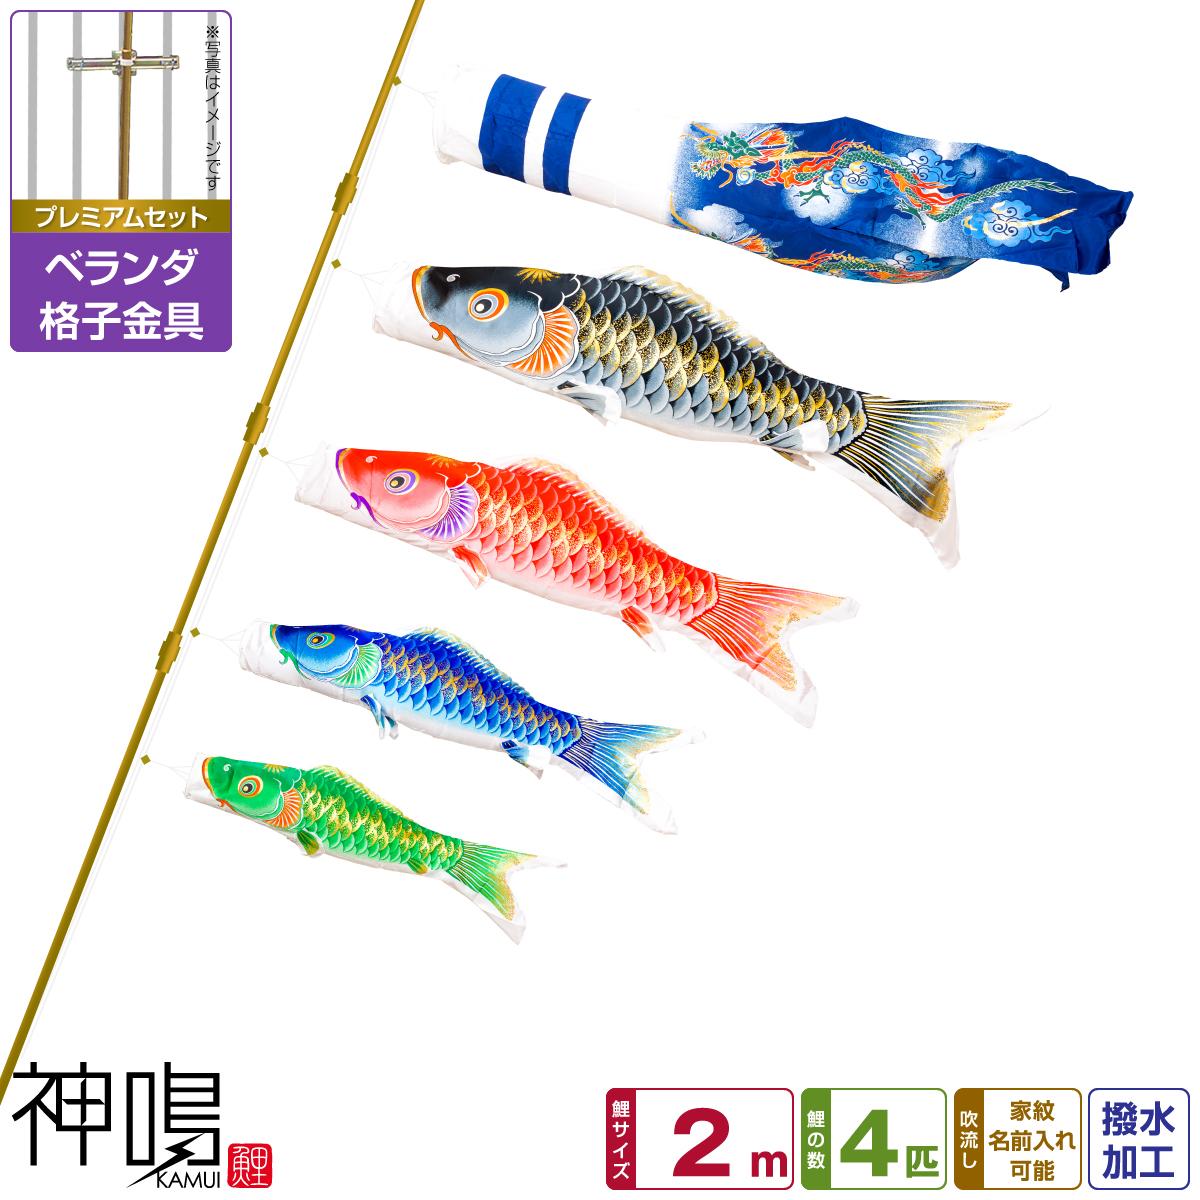 ベランダ用 鯉のぼり 神鳴鯉-KAMUI- 2m 7点(吹流し+鯉4匹+矢車+ロープ)/プレミアムセット(格子金具)